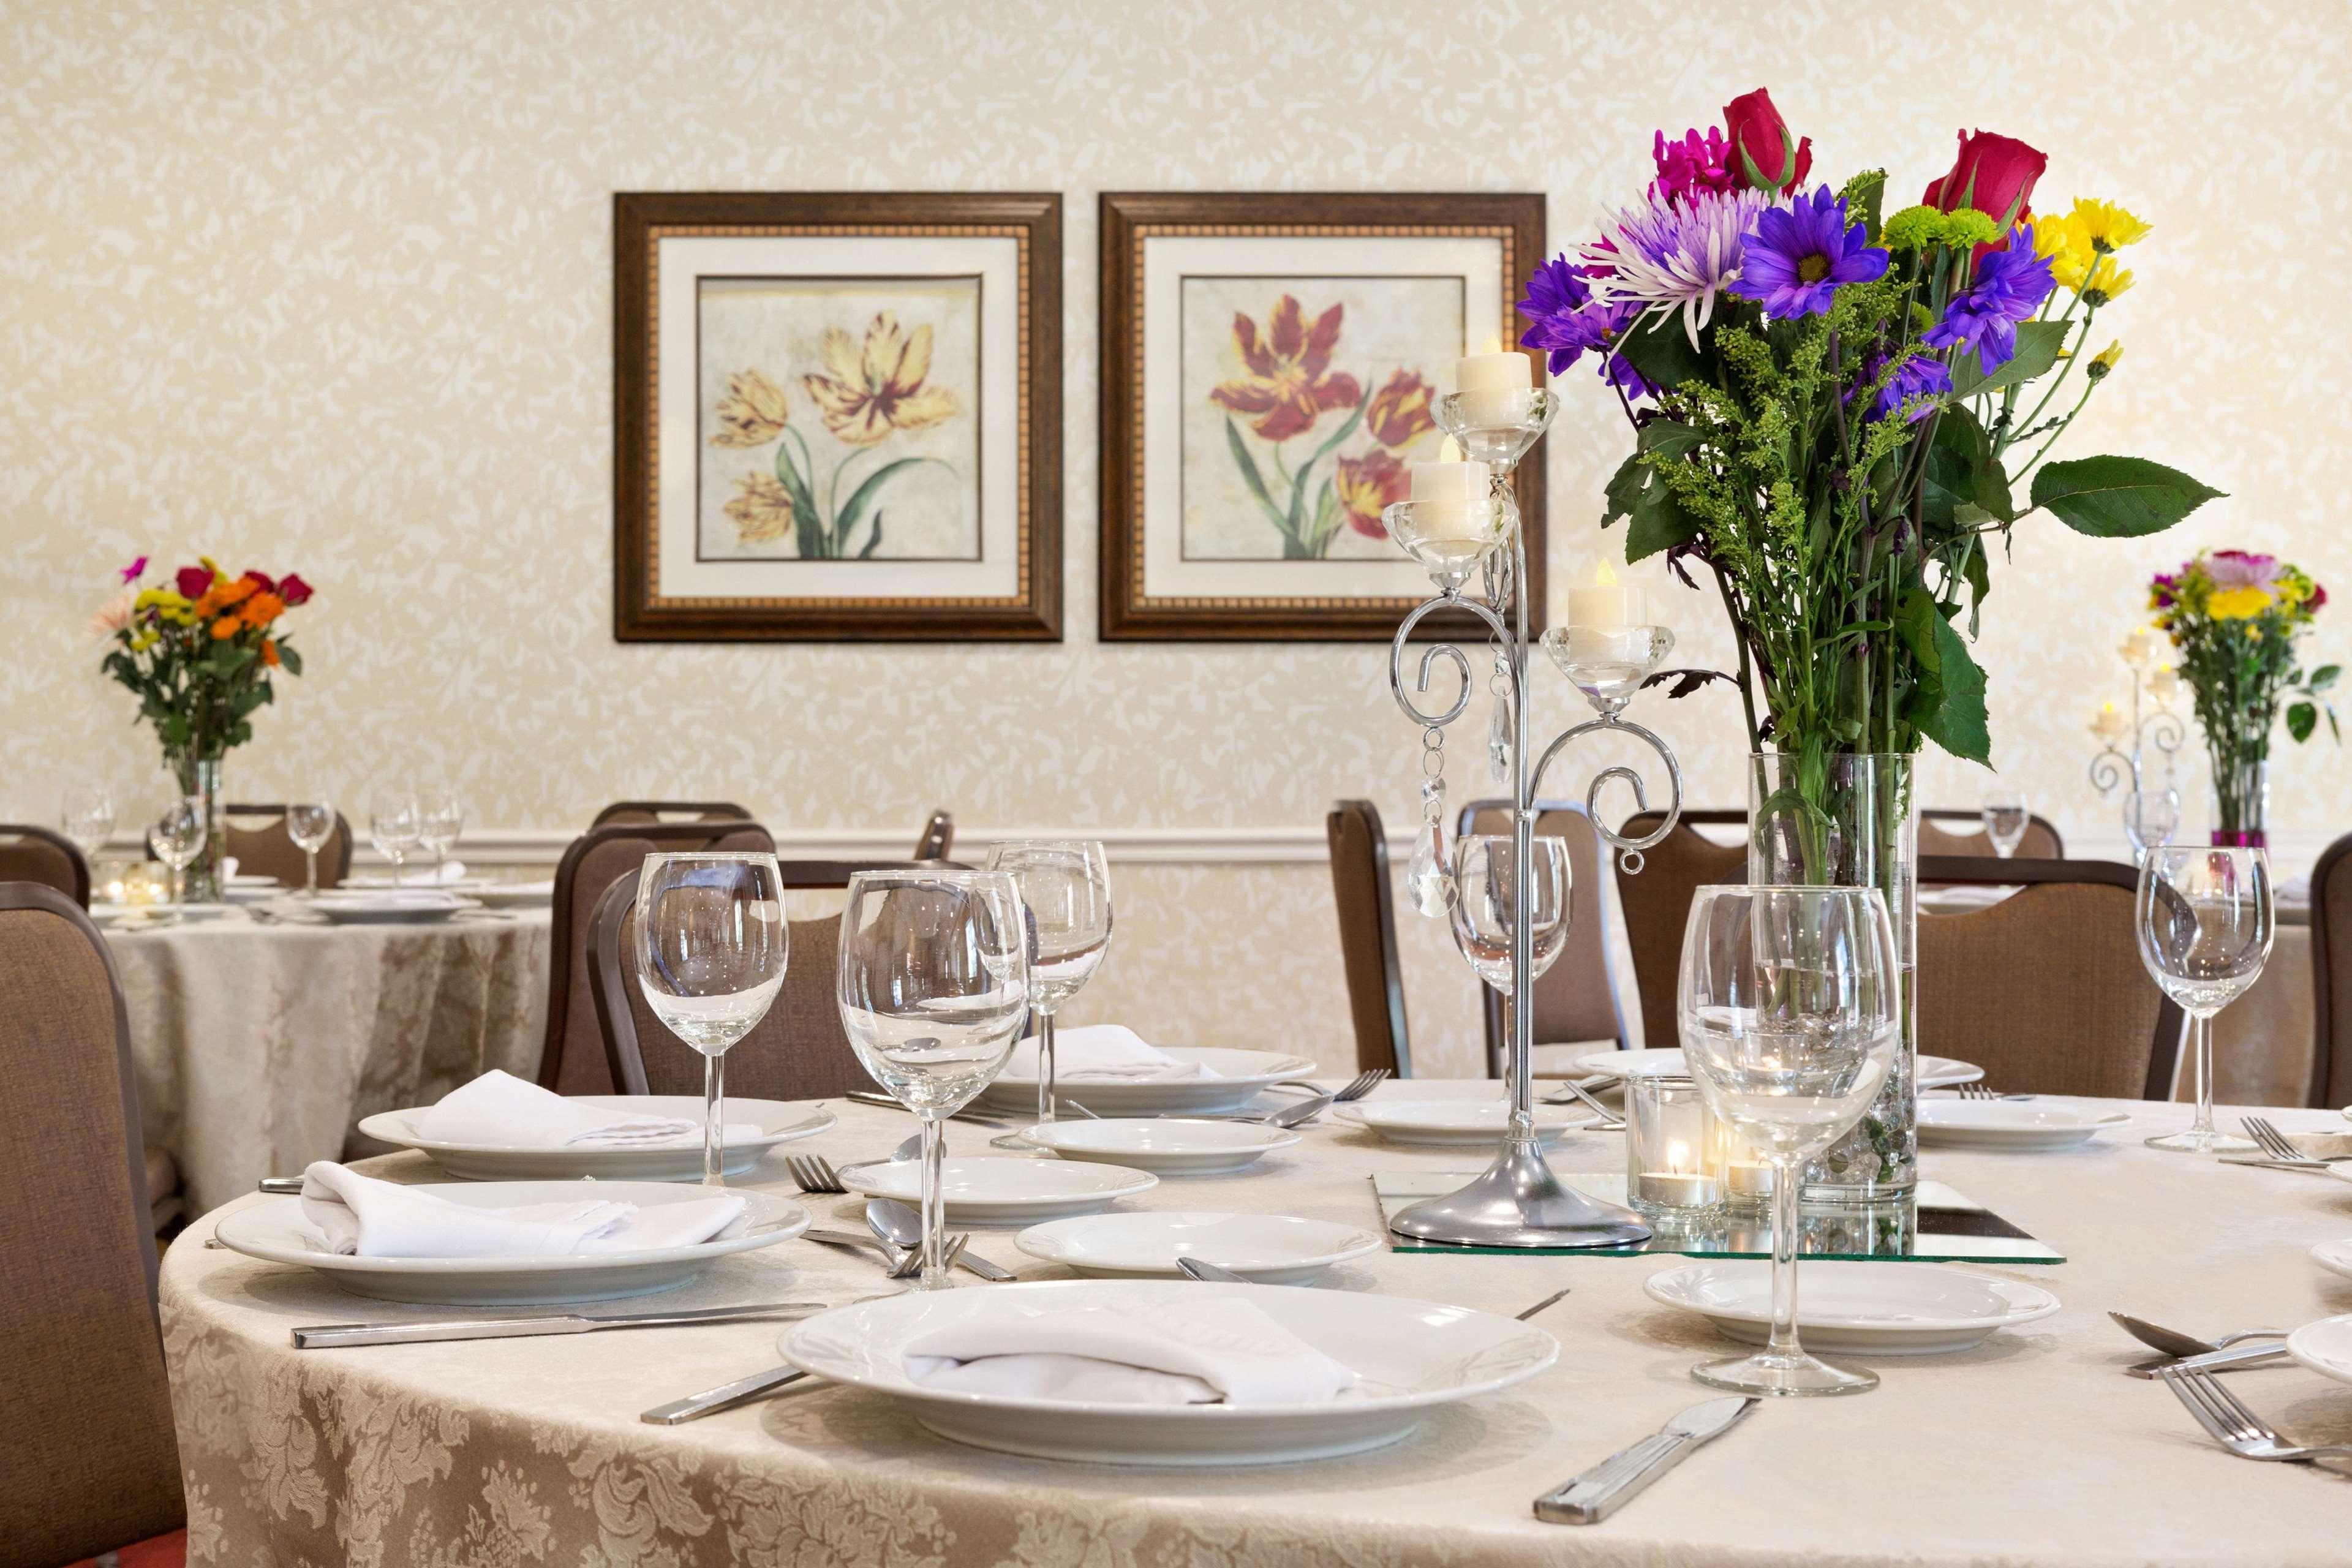 Hilton Garden Inn Atlanta Perimeter Center image 26